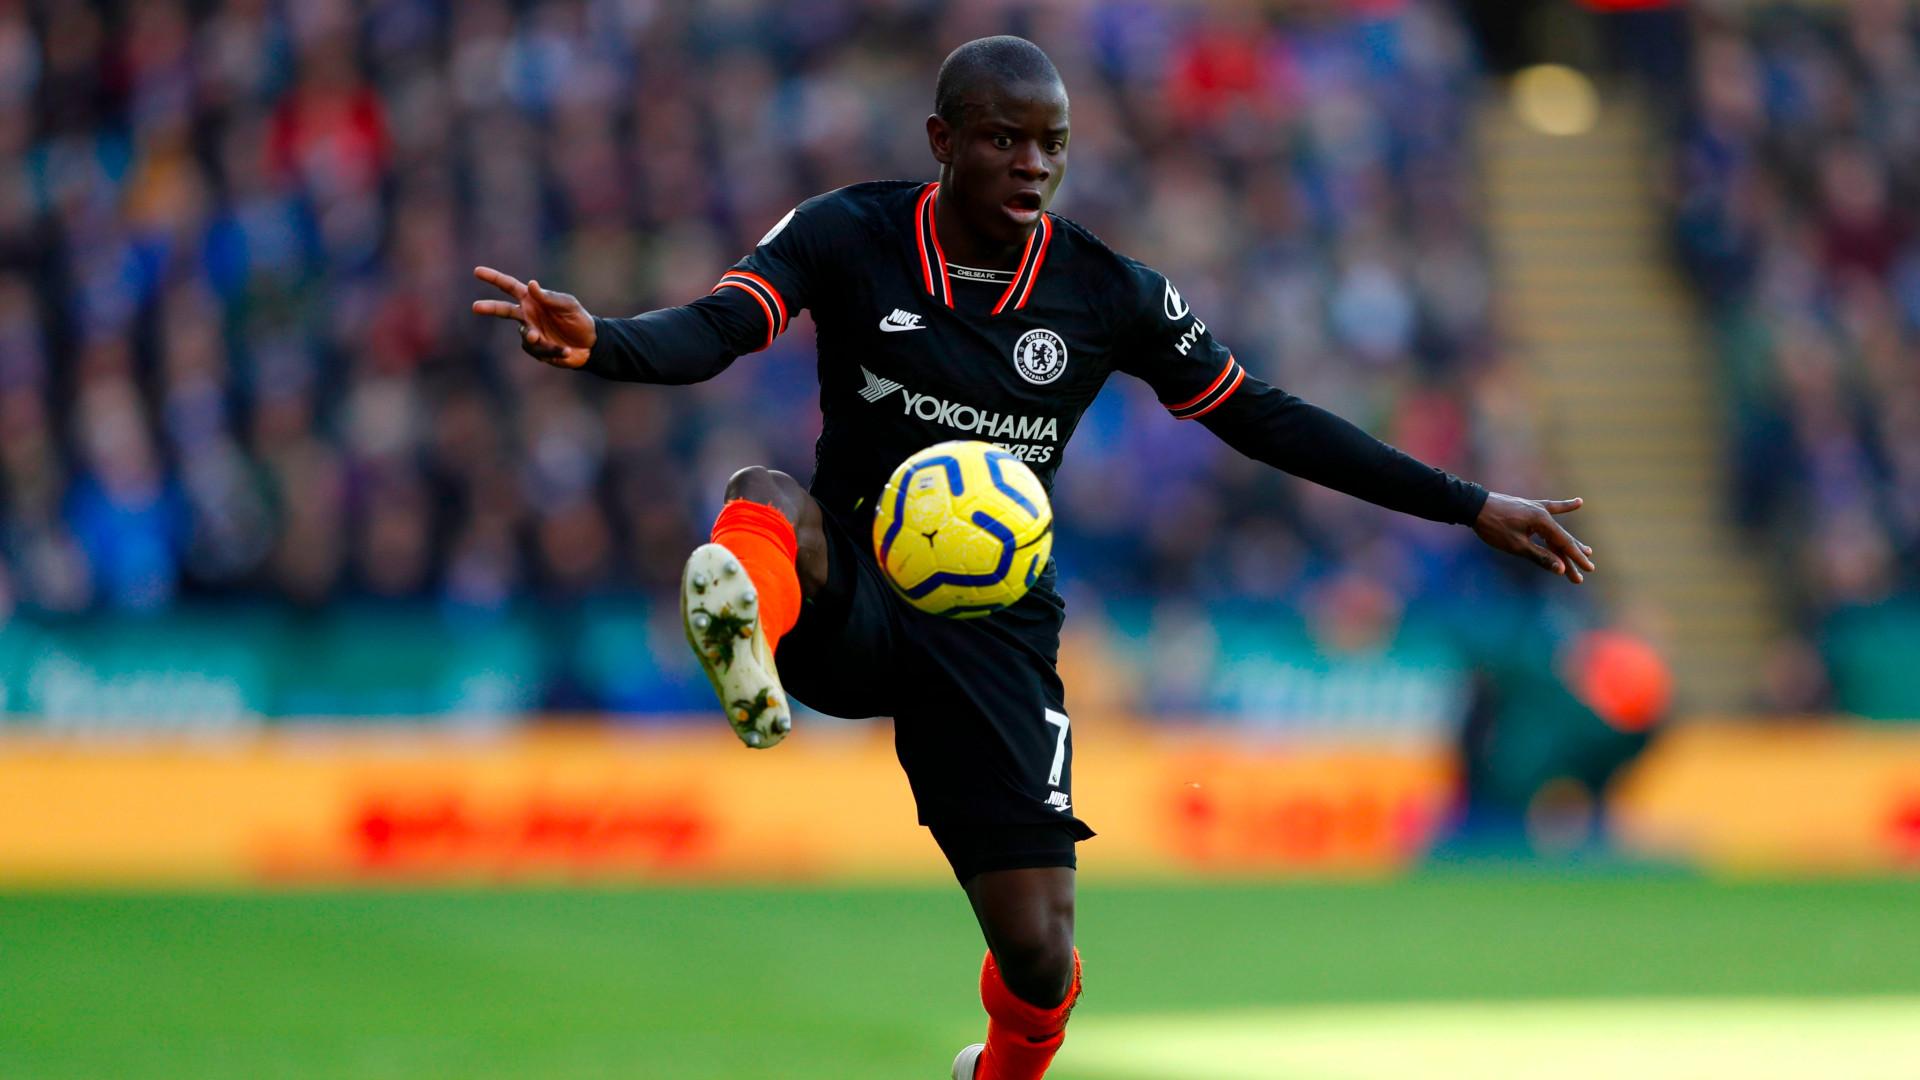 Dans le viseur du Real Madrid, Kante va rester à Chelsea à moins qu'il ne soit forcé à partir